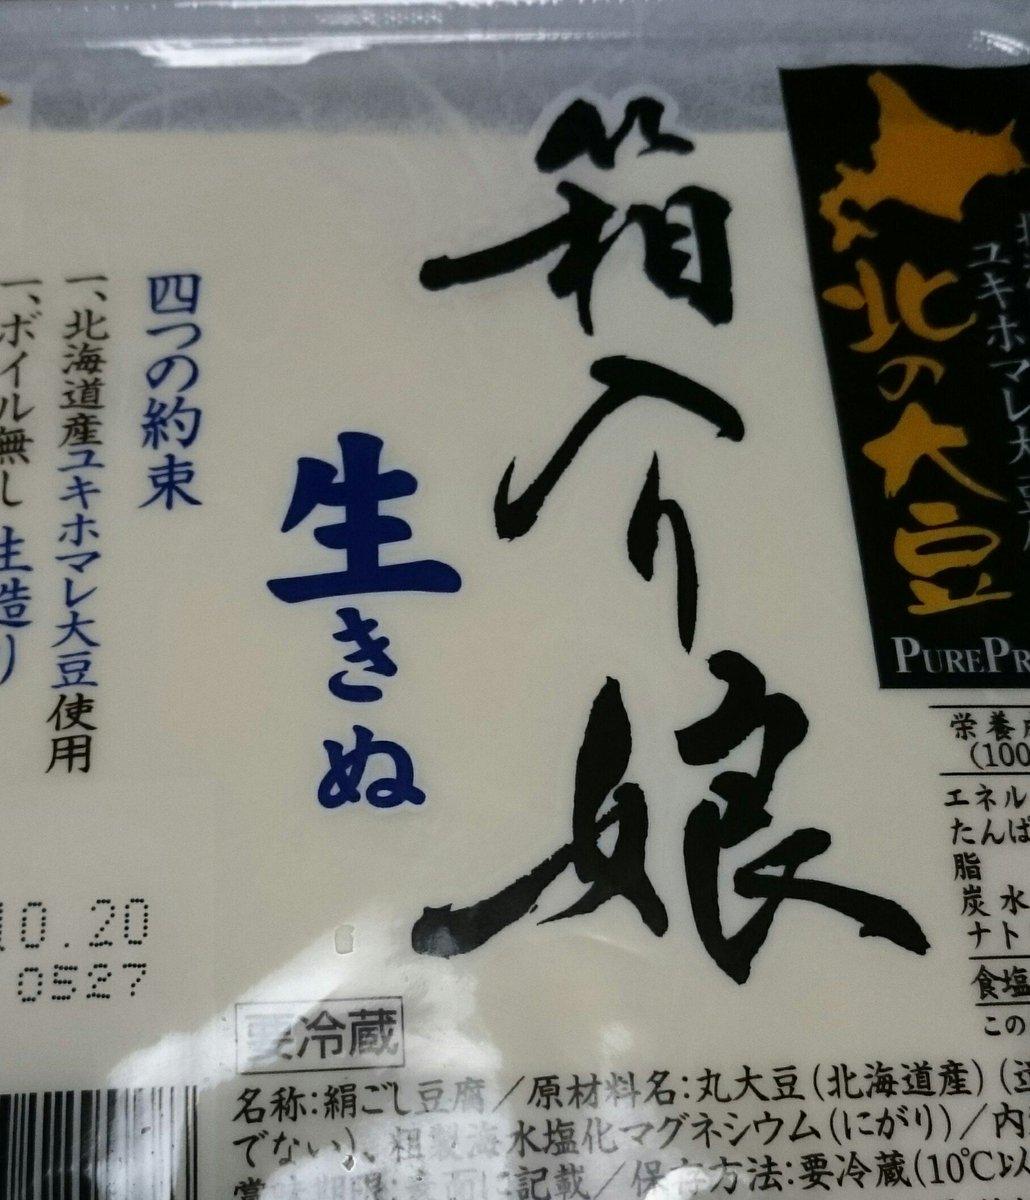 昨日買ったお豆腐が生きることを諦めようとしていた……。